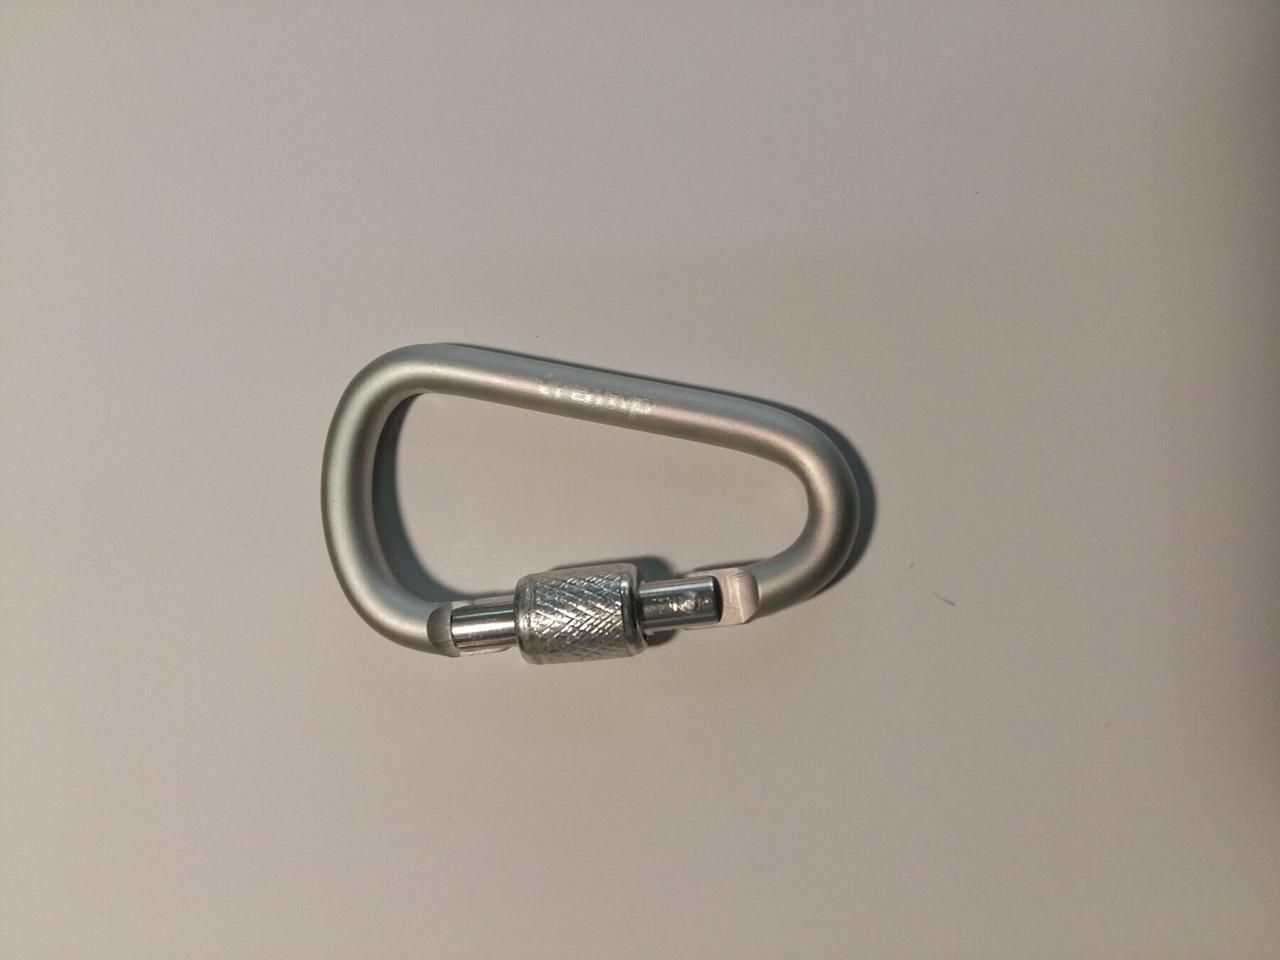 Карабин Tramp алюминиевый, размер 6 см, с муфтой, белый арт.TRA-007